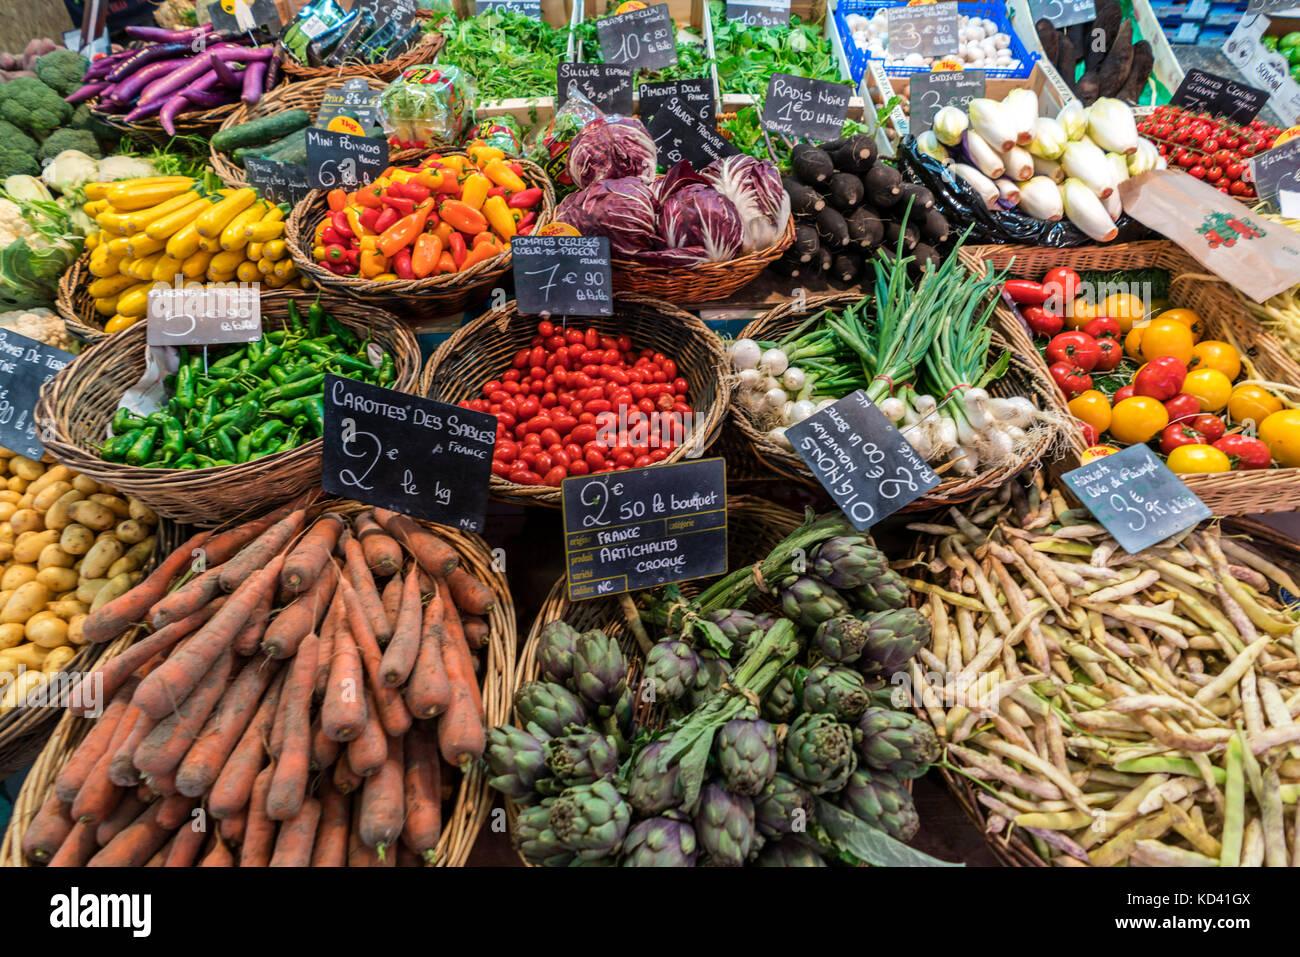 vegetables, Marche de Capucins, Bordeaux, France - Stock Image